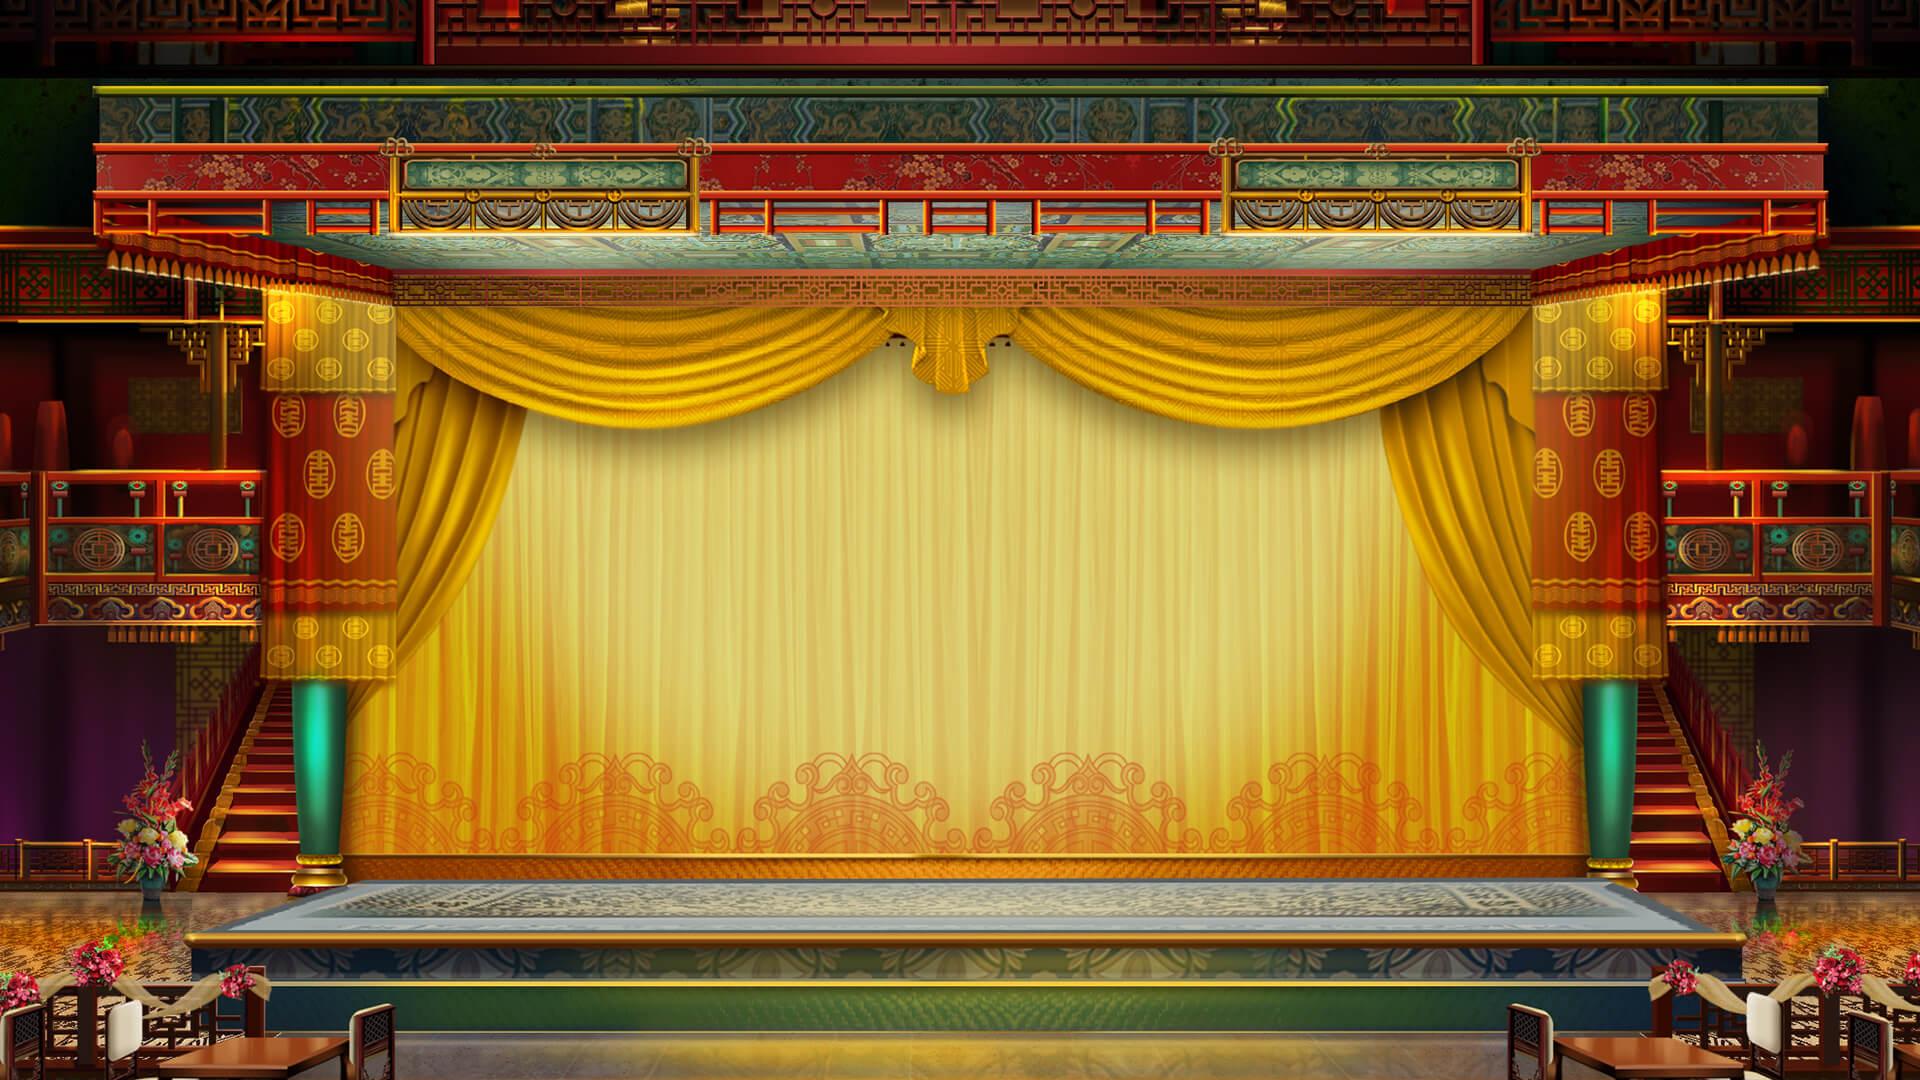 Hintergrund mit hoher Auflösung Imperial Opera